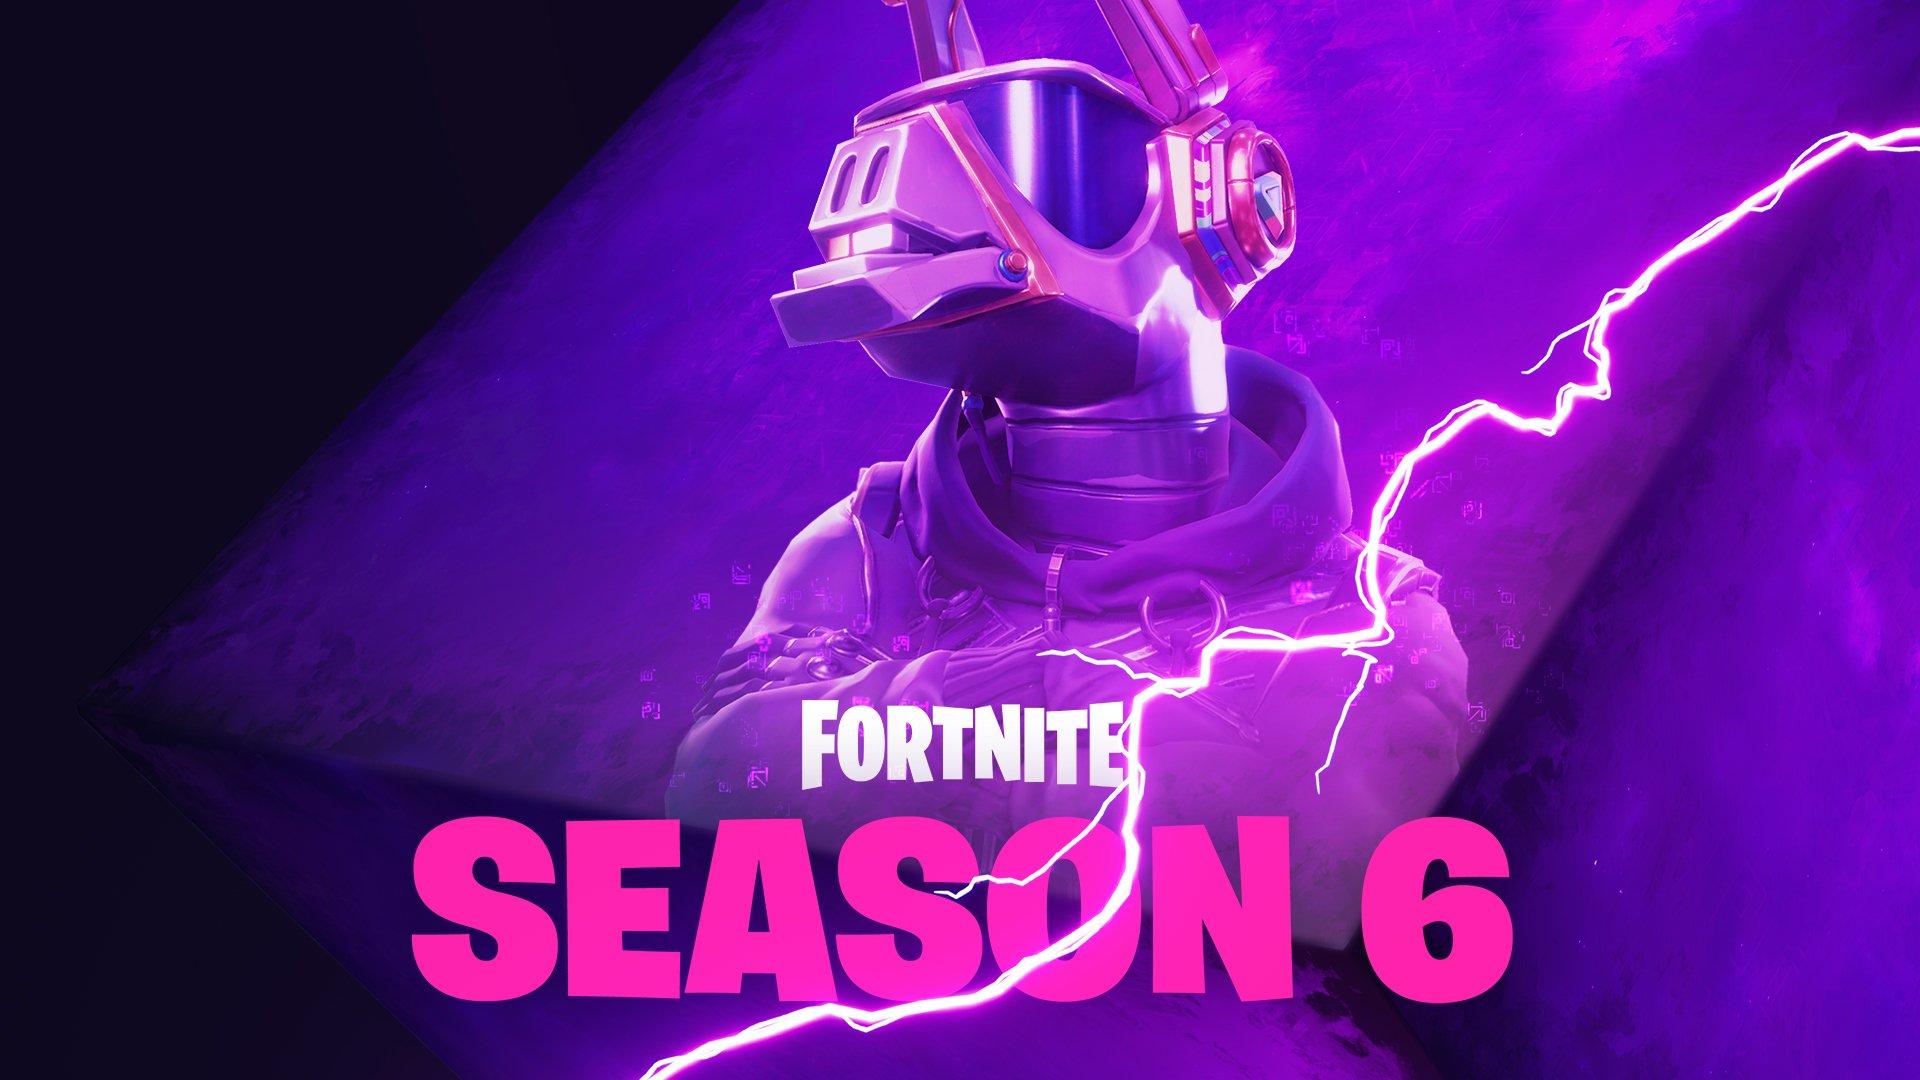 First Teaser for Fortnite Season 6 Fortnite Insider 1920x1080